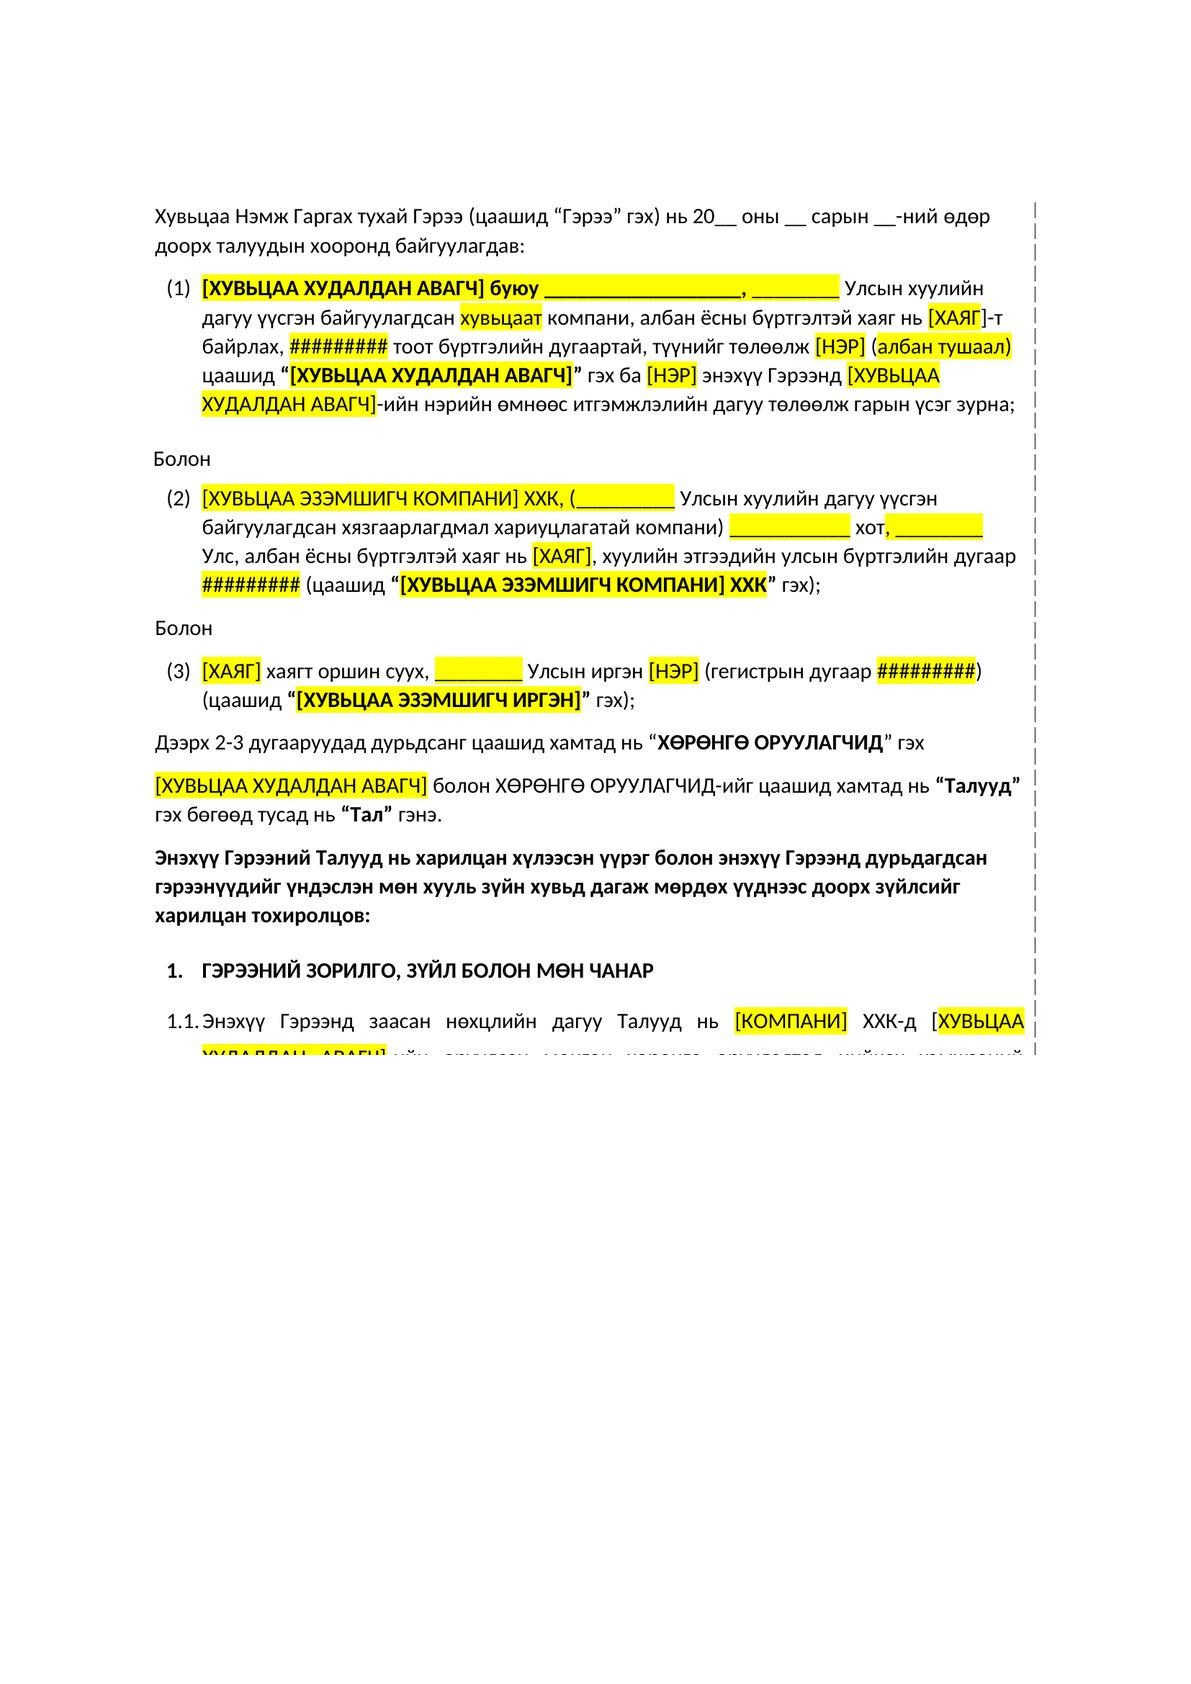 Хувьцаа гаргах тухай гэрээ (Agreement on the issuance of share)-1